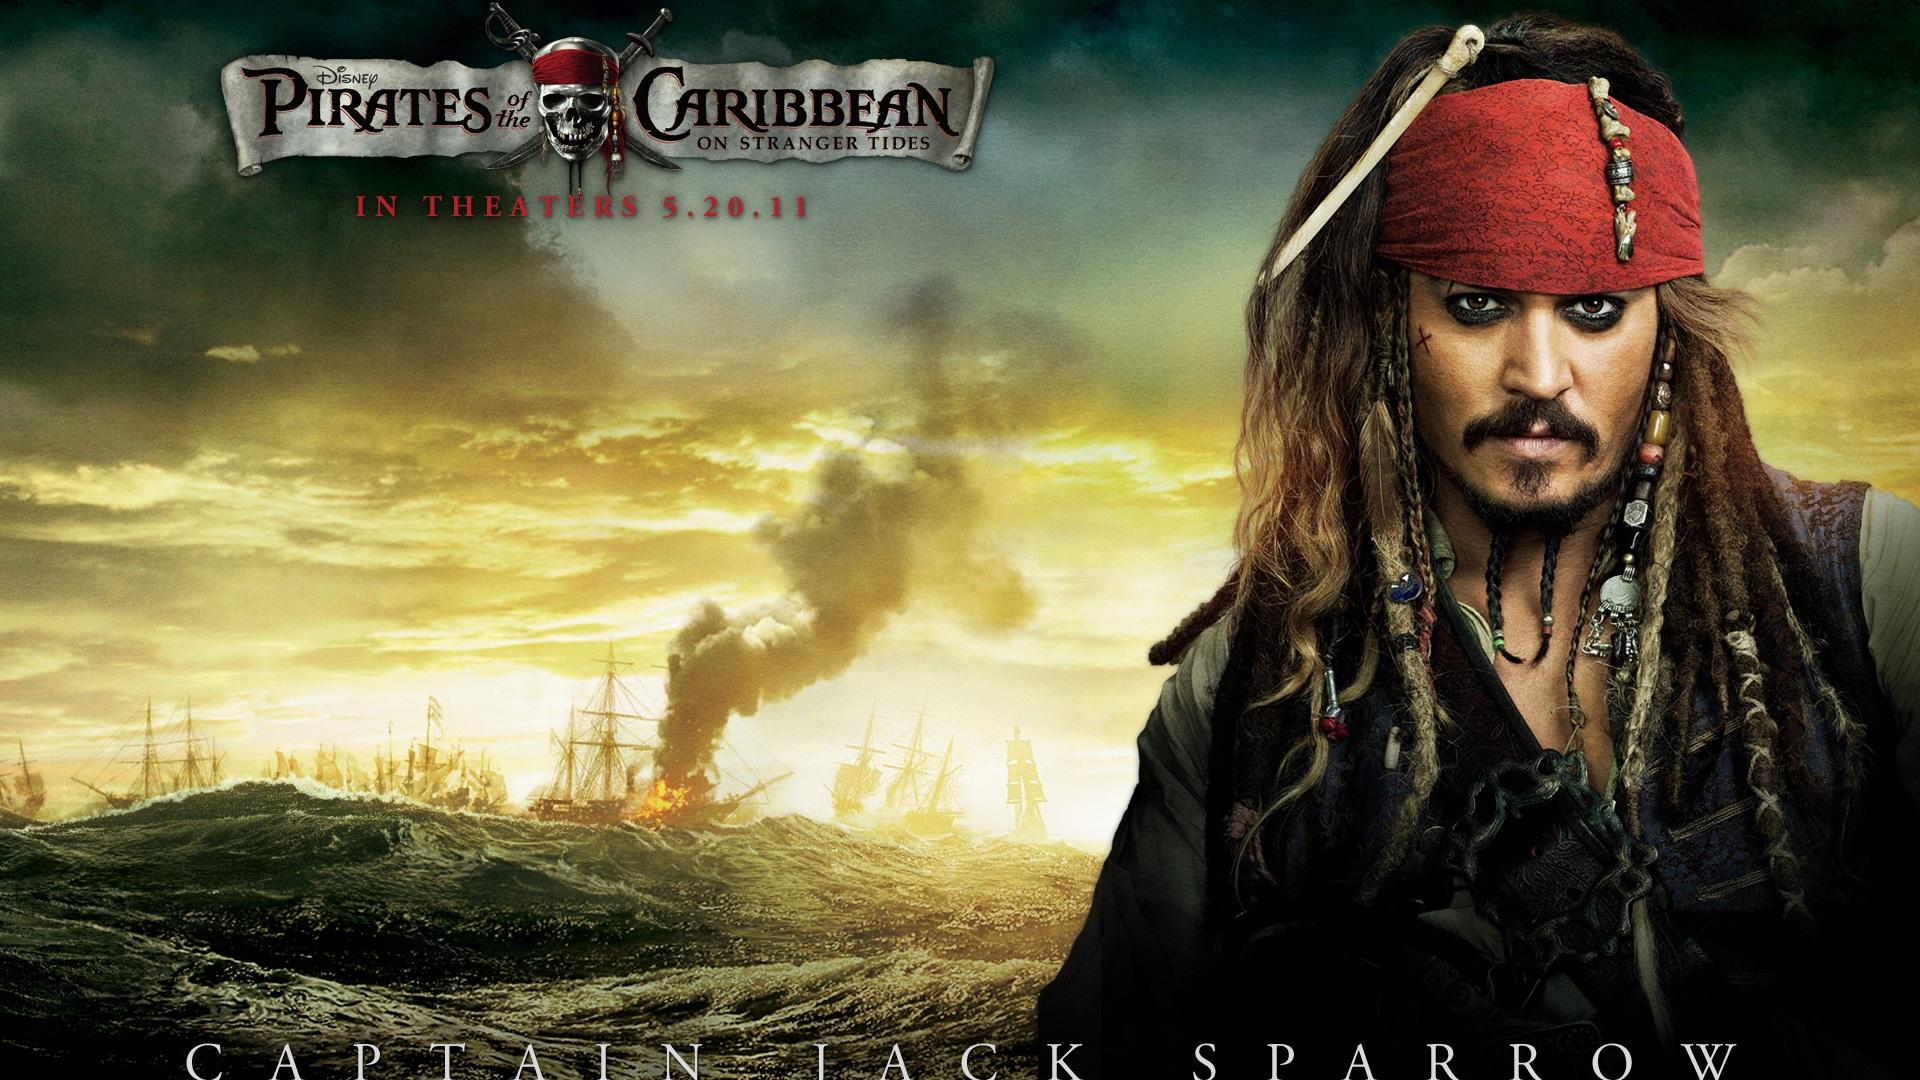 加勒比海盗4 船长 杰克 斯派洛 1920x1080 壁纸下载